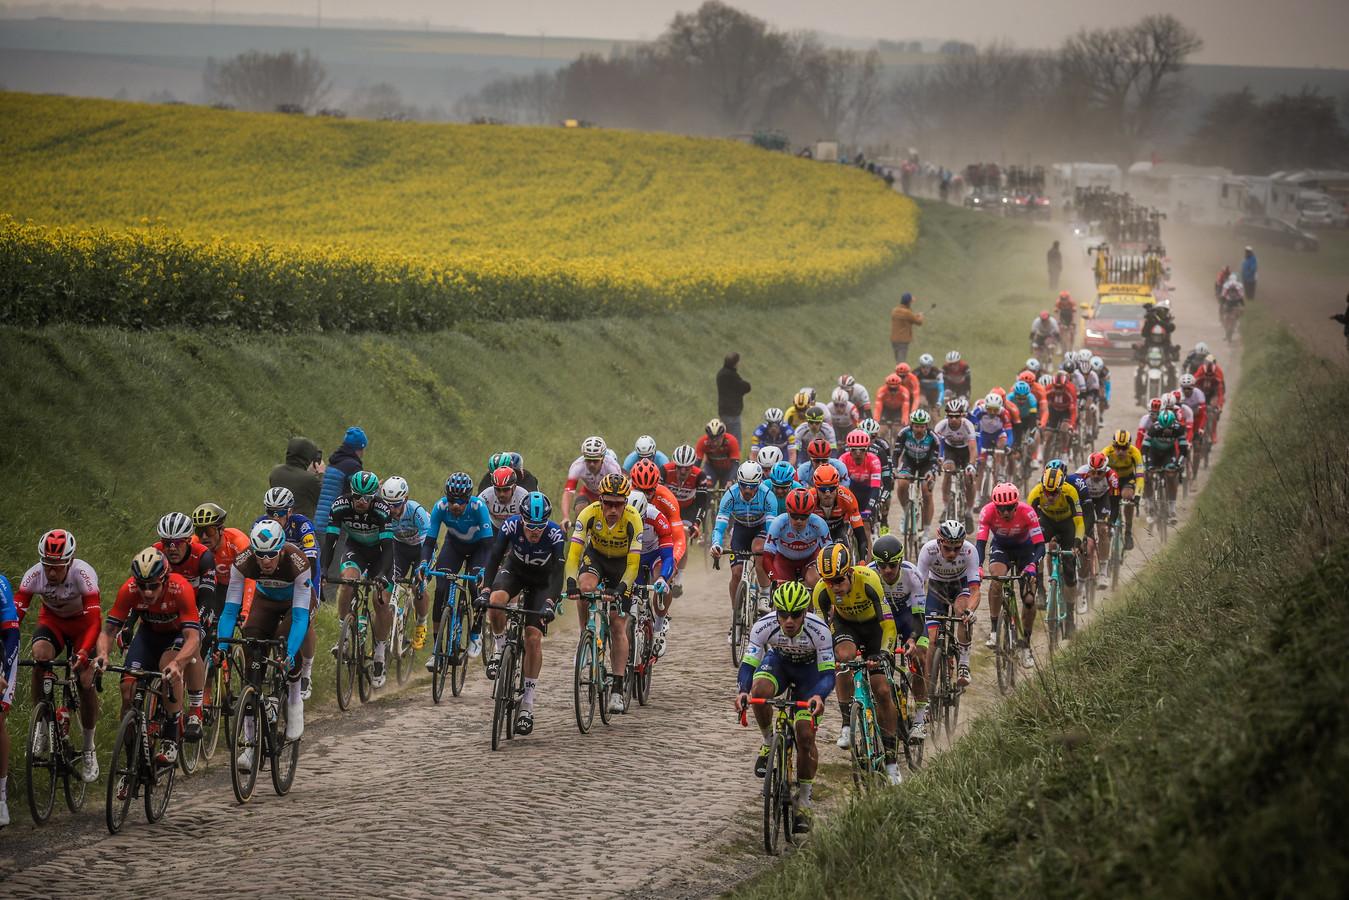 Parijs-Roubaix 2019, in de lente.